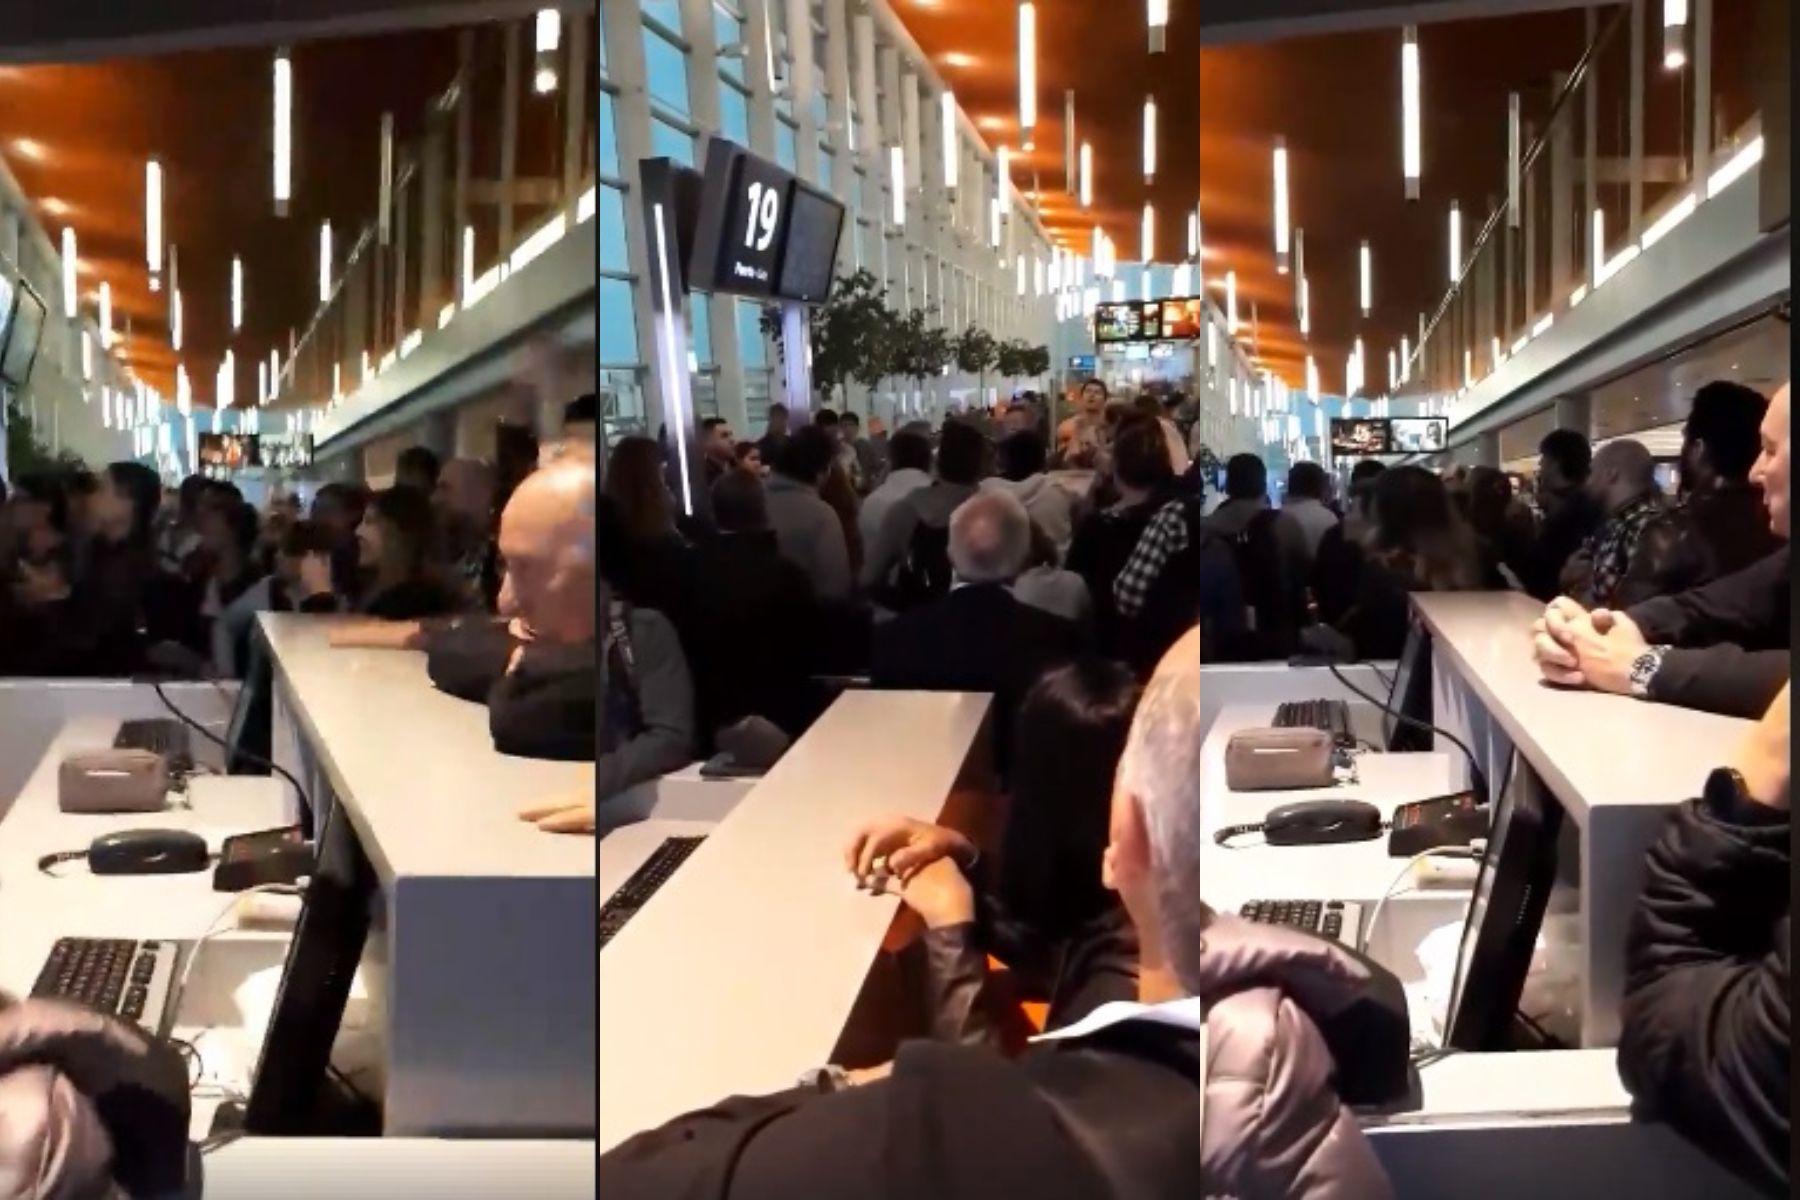 Caos en Ezeiza por la cancelación y demoras de vuelos: más de 300 personas varadas